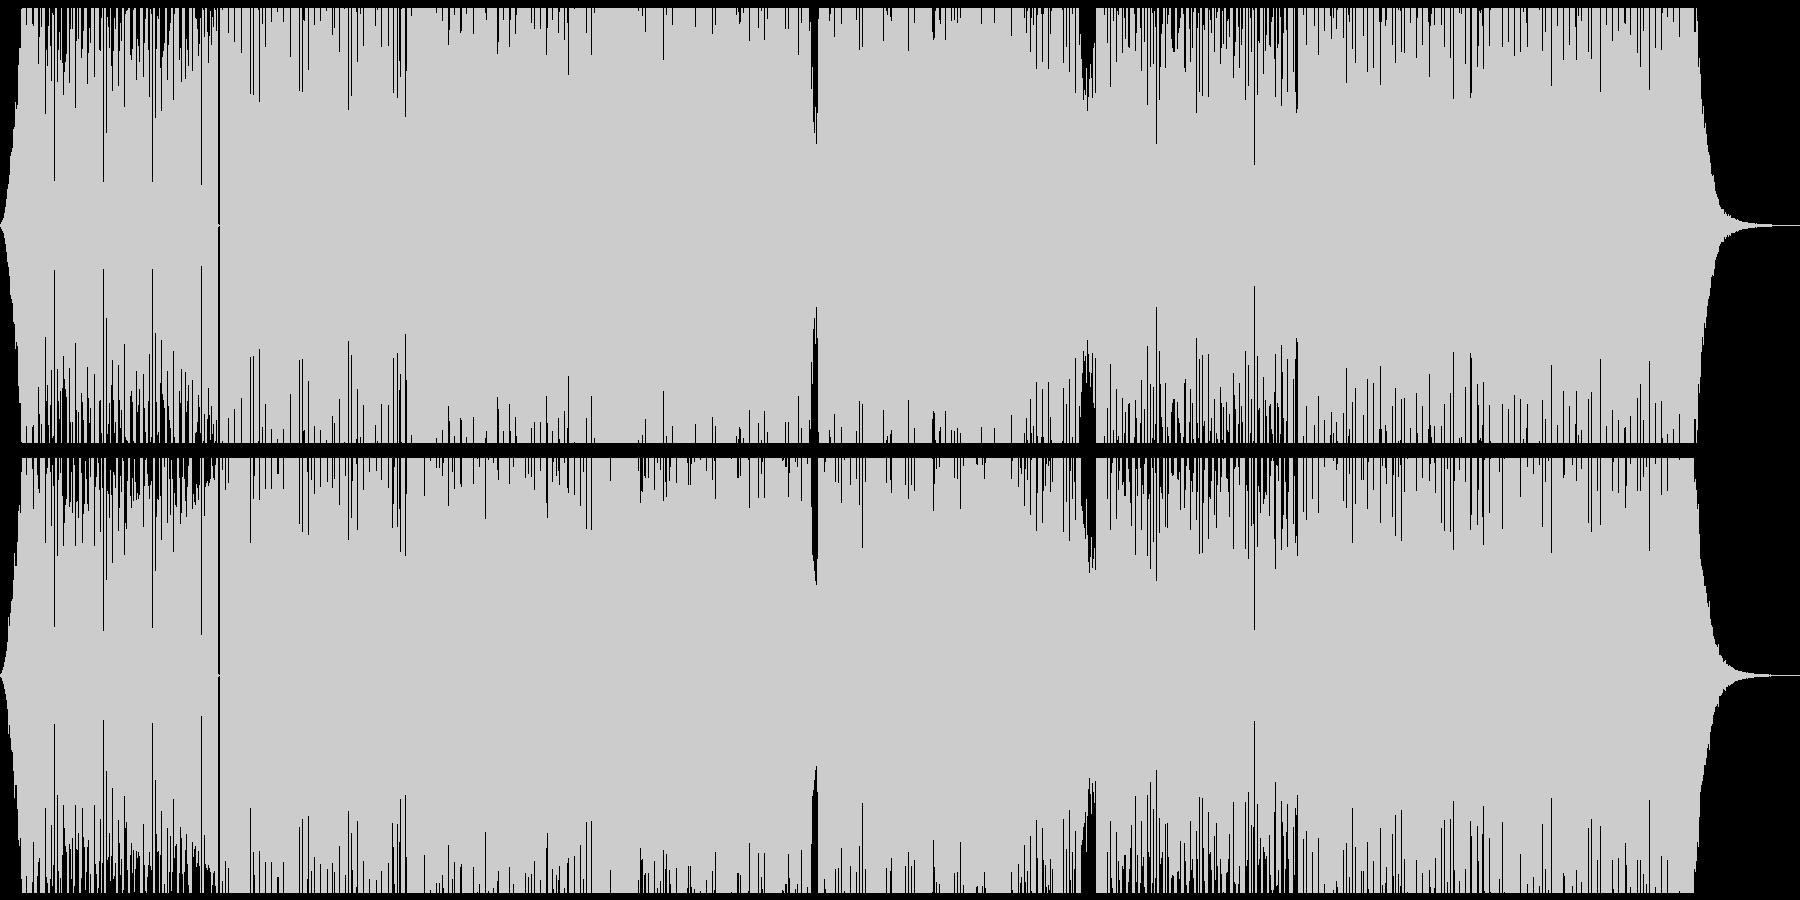 エッジの効いたダンサブルなエレクトロの未再生の波形